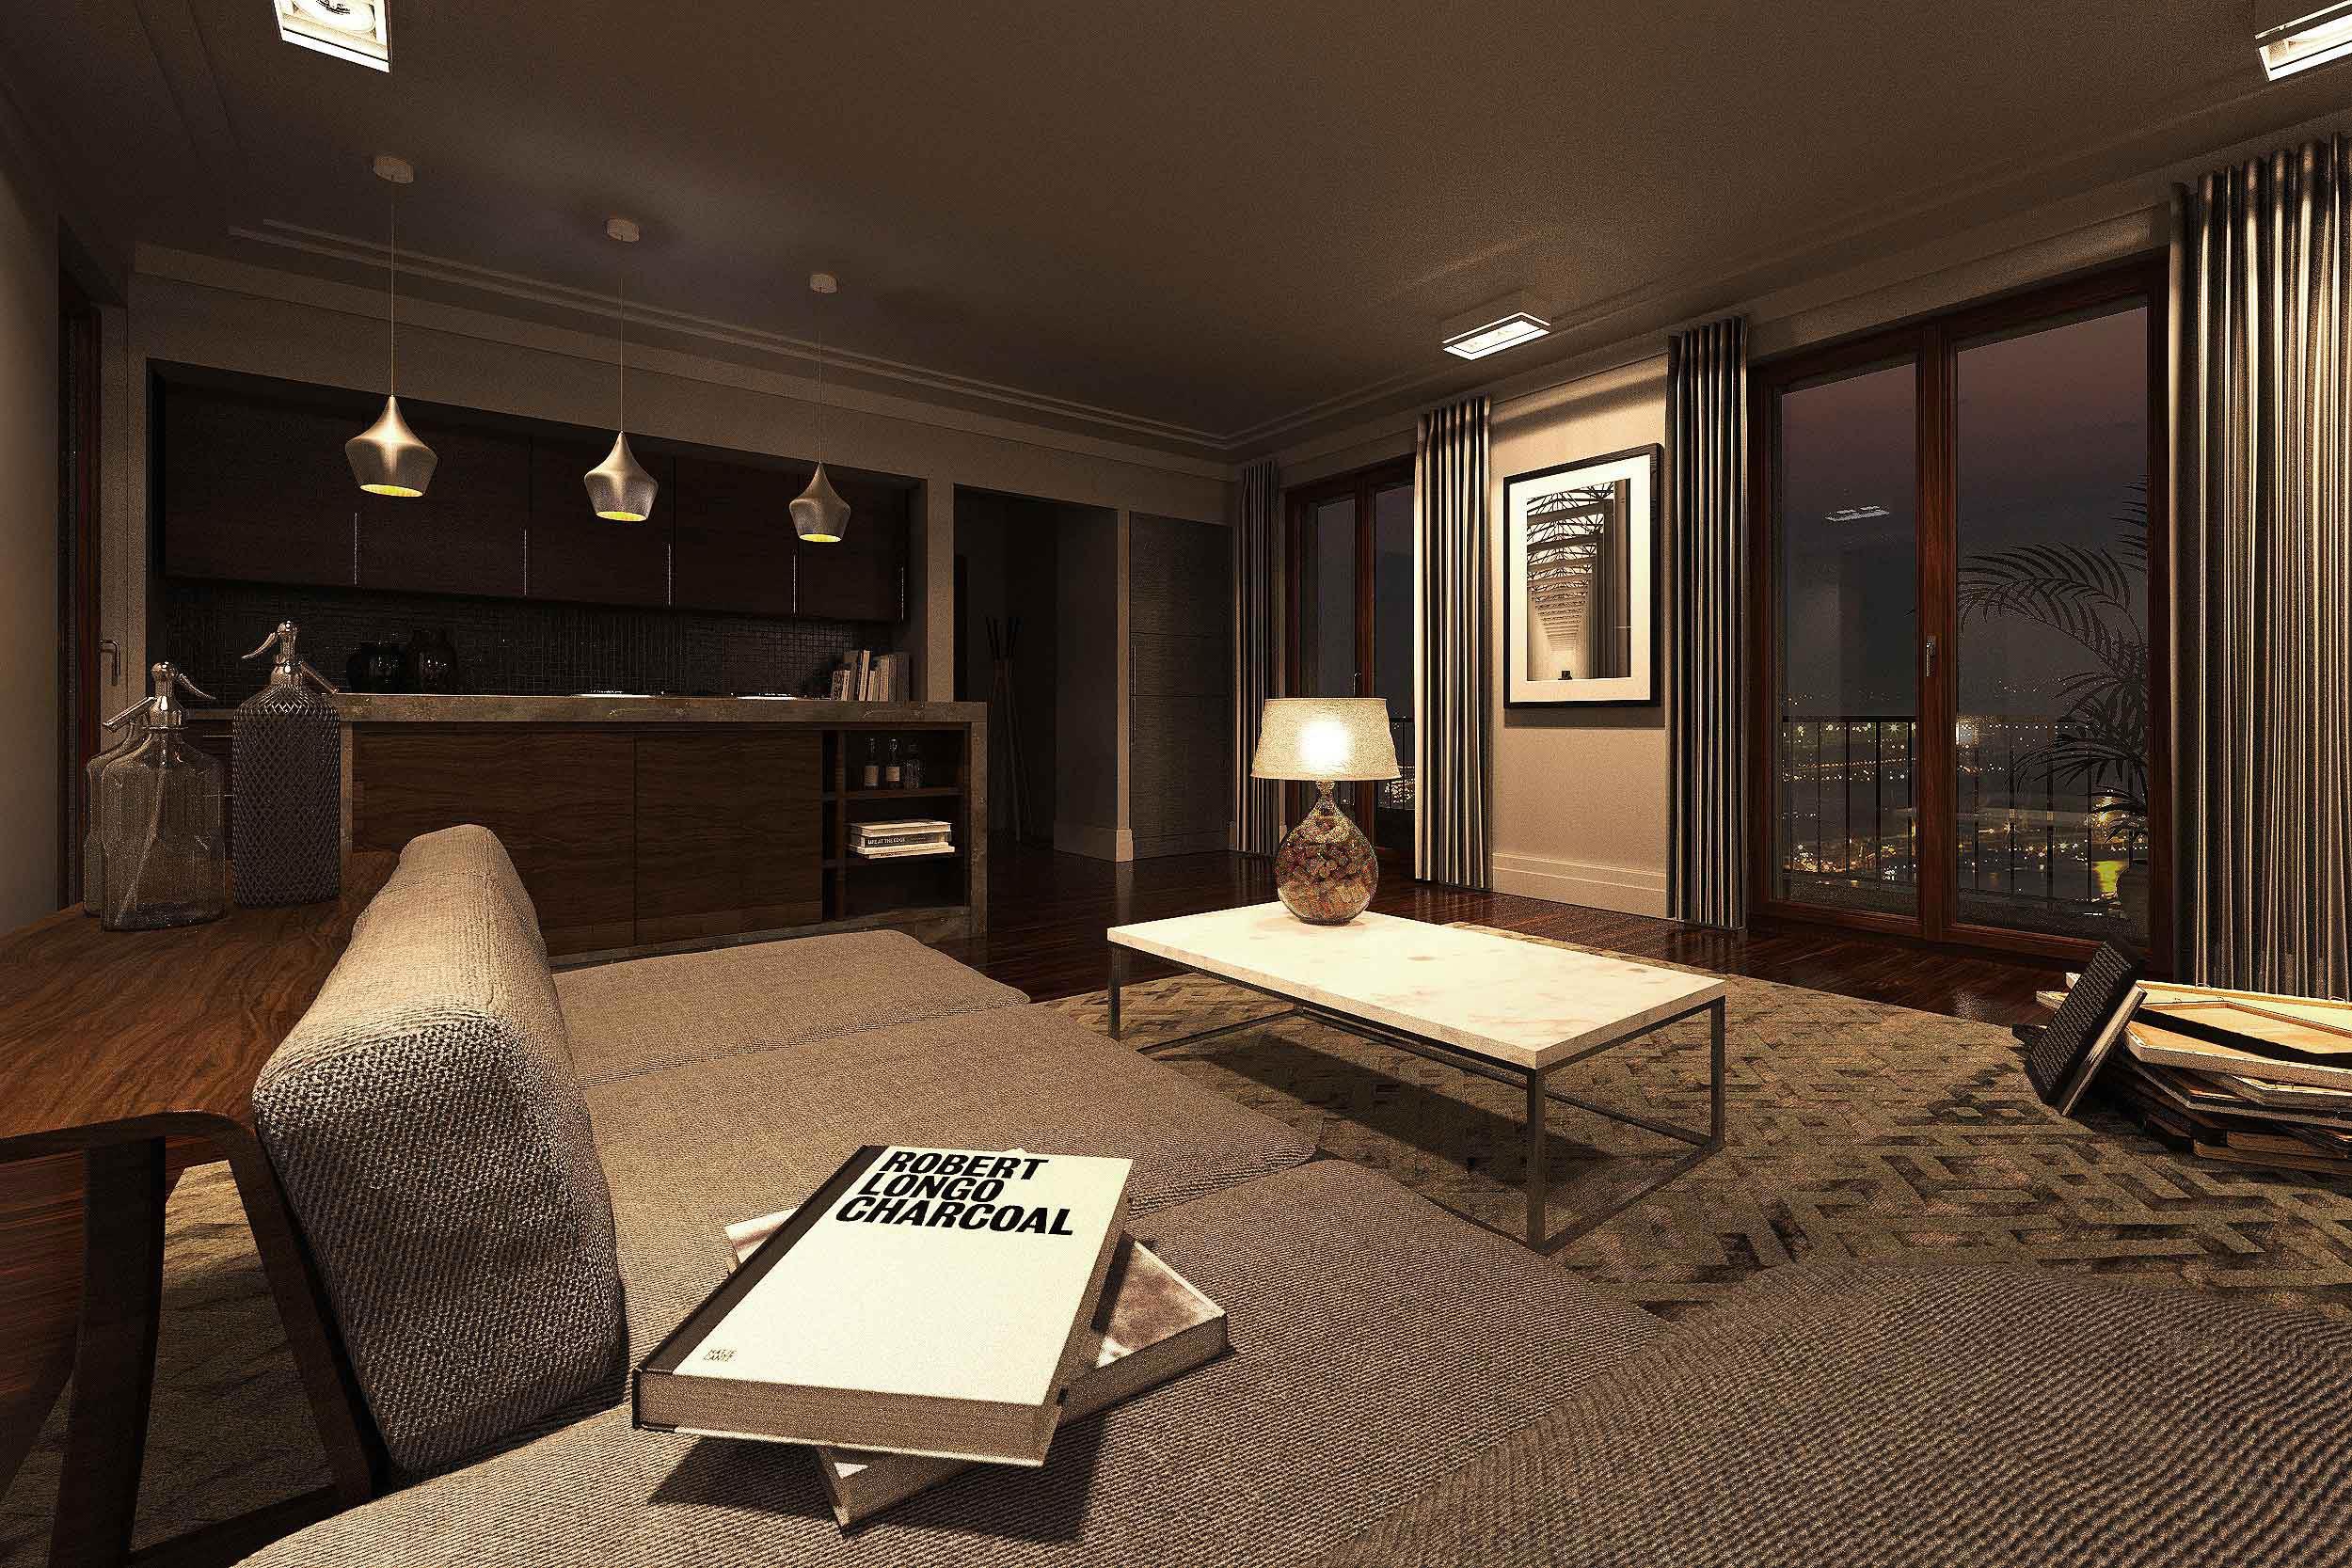 GOETHE RESIDENZEN - Neubau eines Appartementhauses mit exklusiven Wohnungen - Alle Wohnlofts sind exklusiv in europäischem Standard ausgestattet.